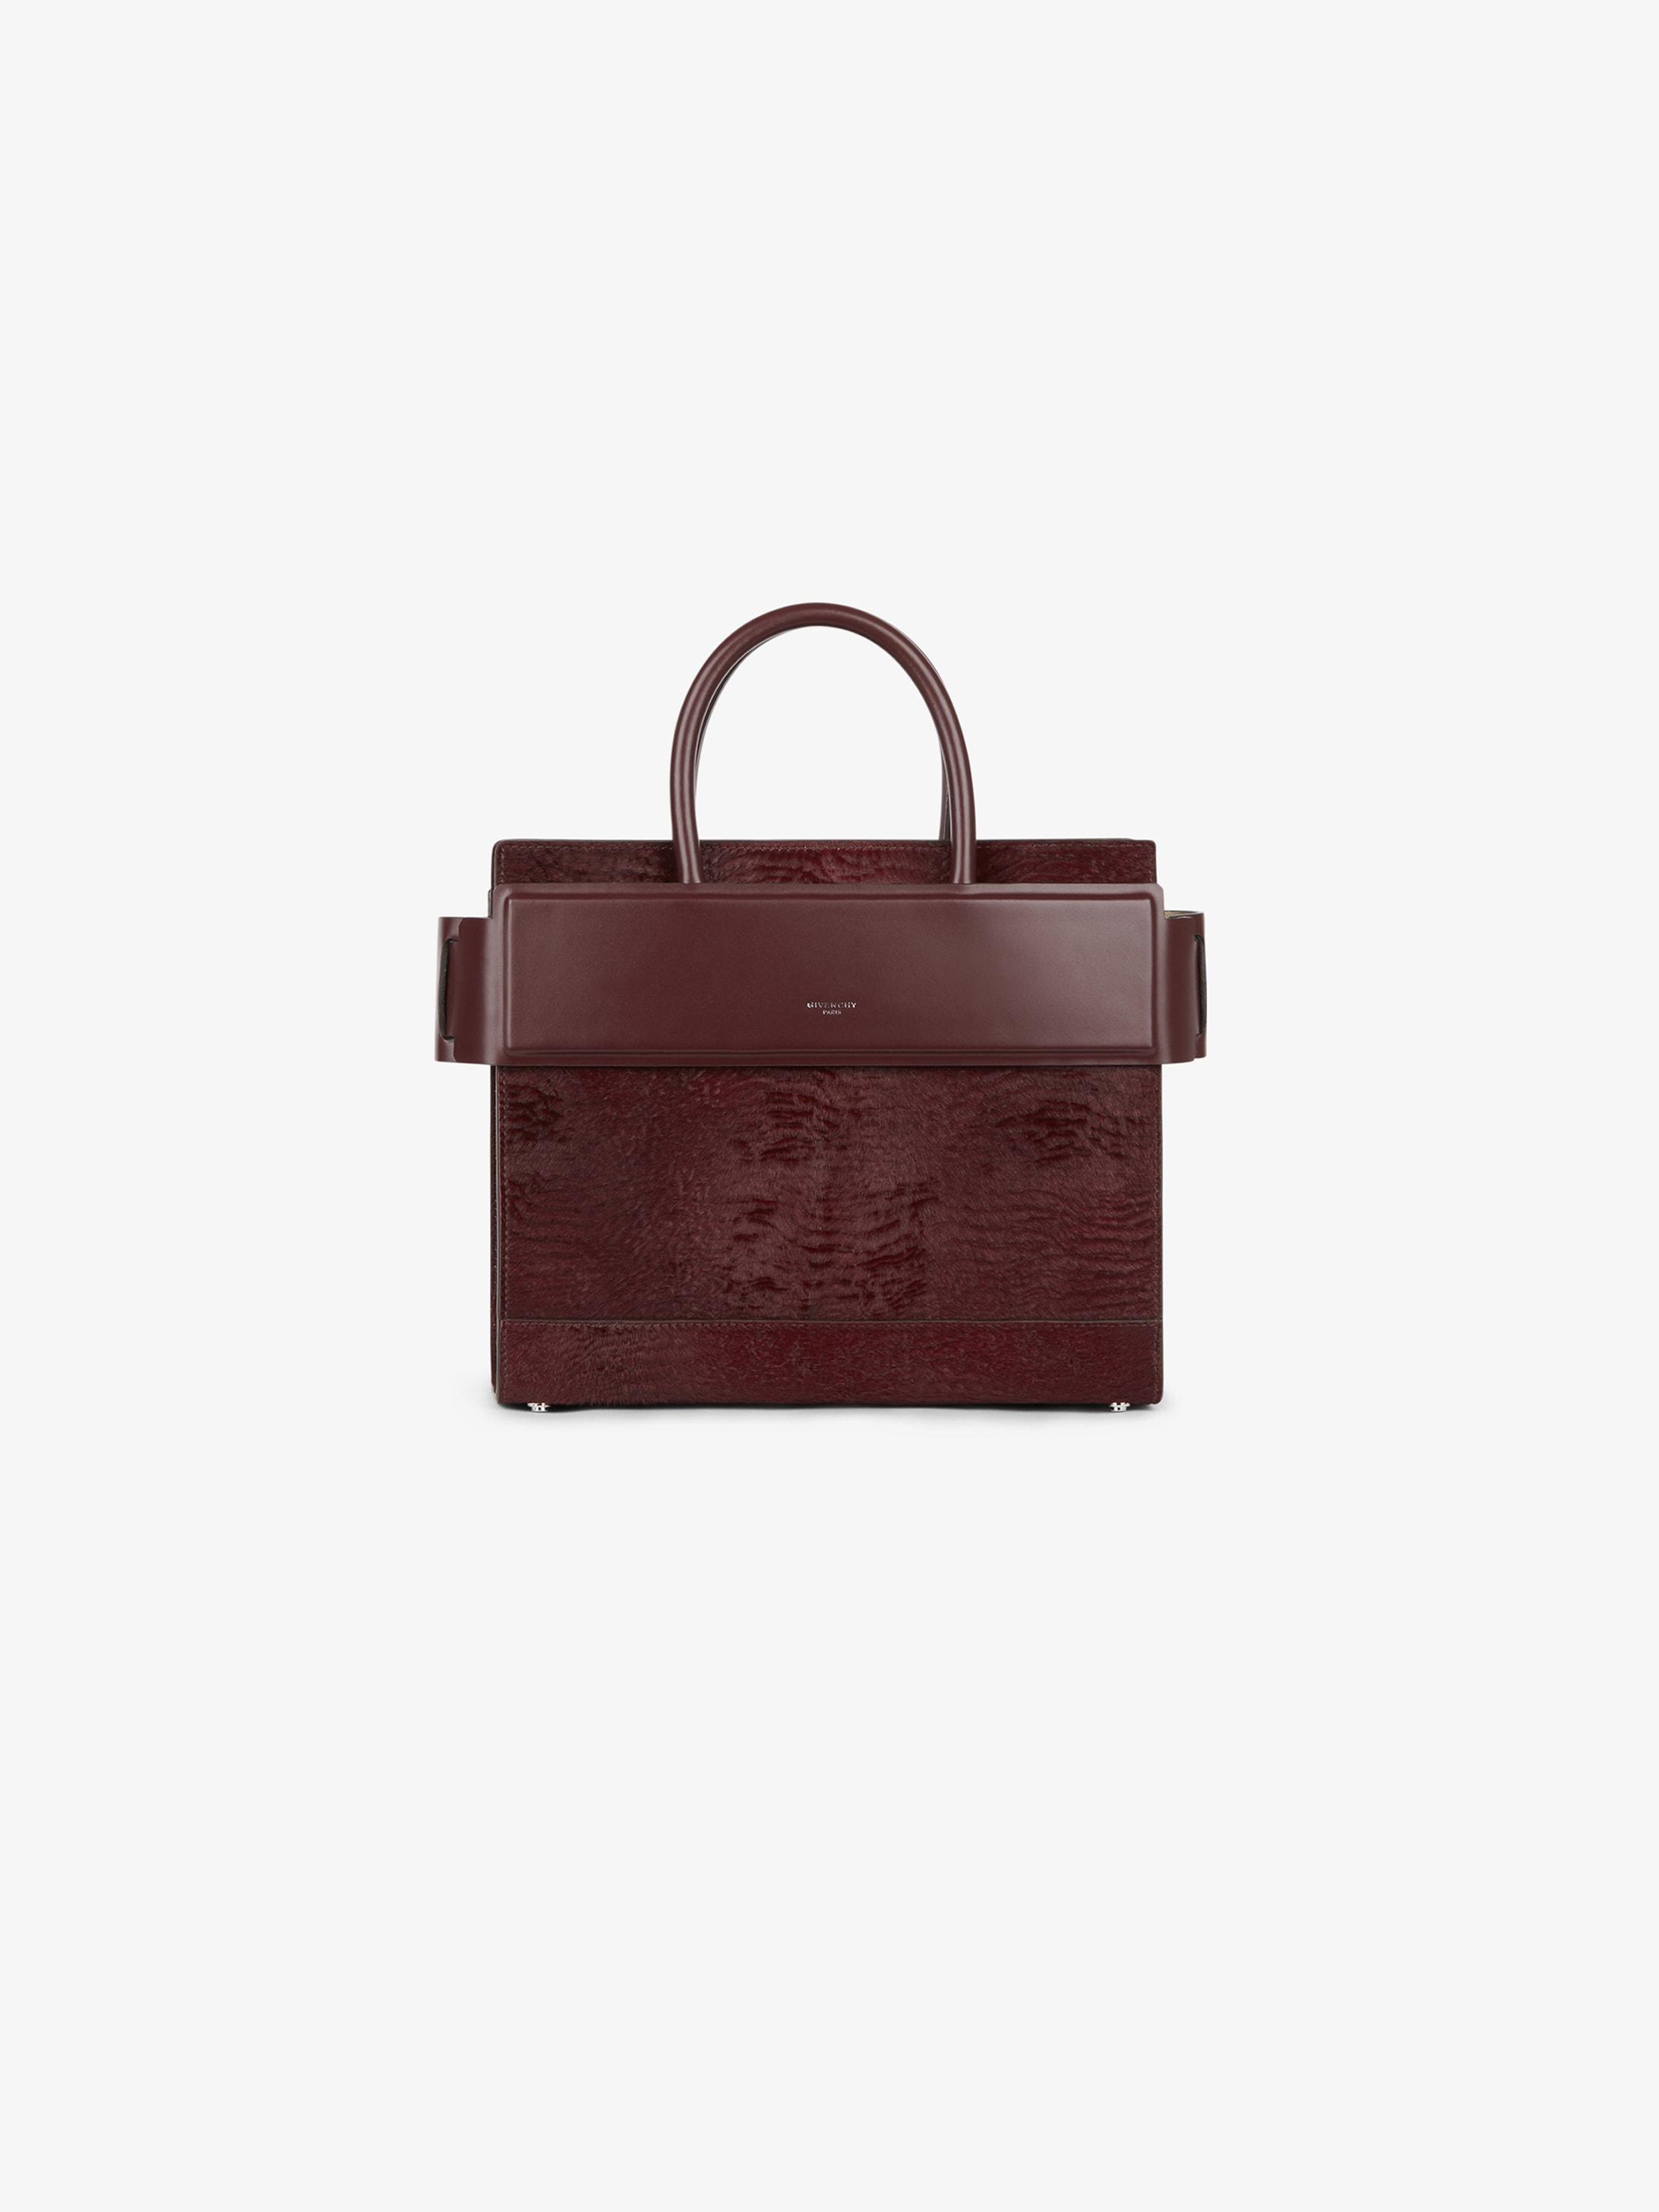 Astrakhan-style small Horizon bag